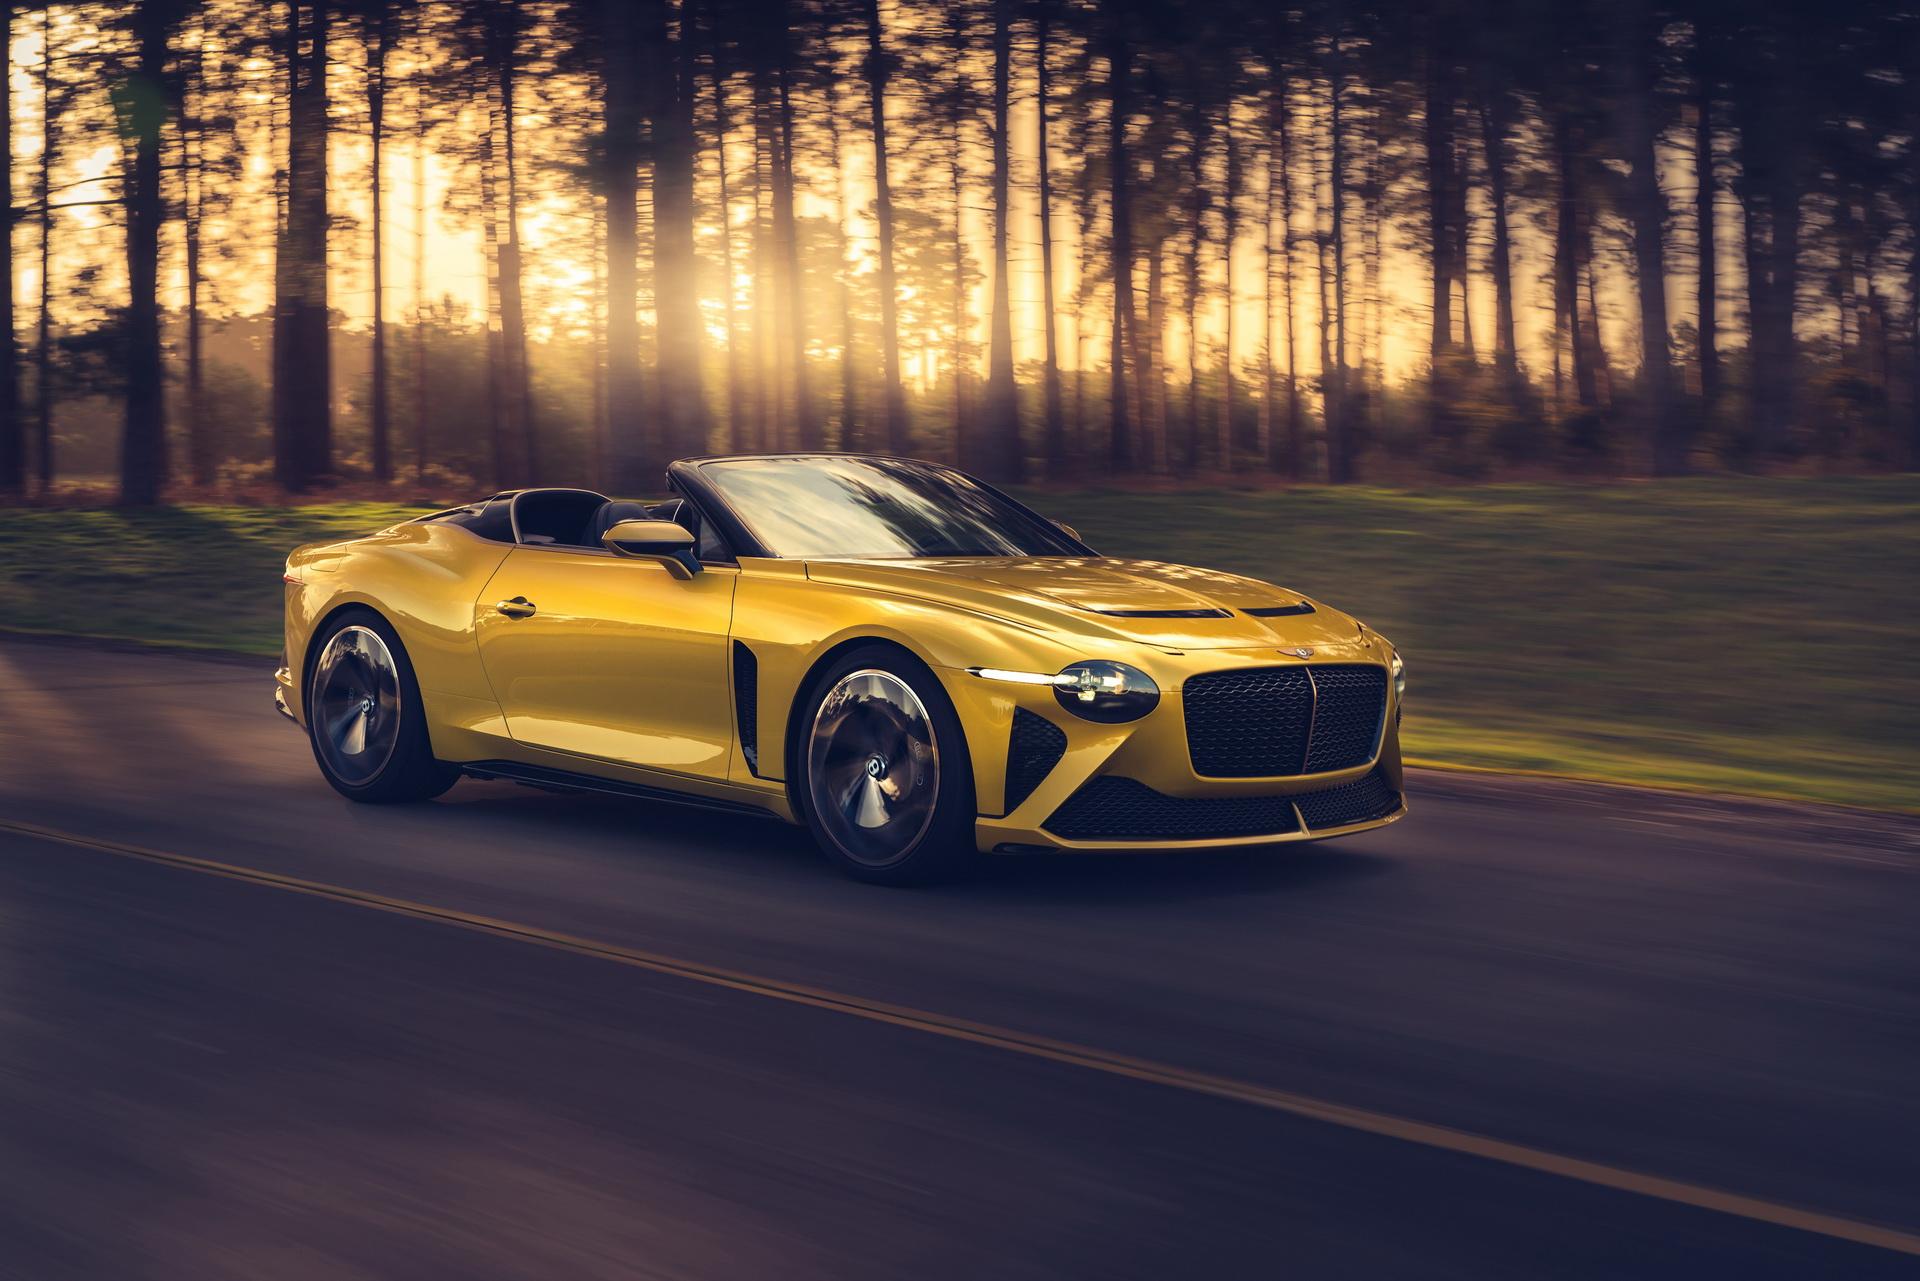 Олигархам на заметку: самый эксклюзивный и дорогой Bentley в истории